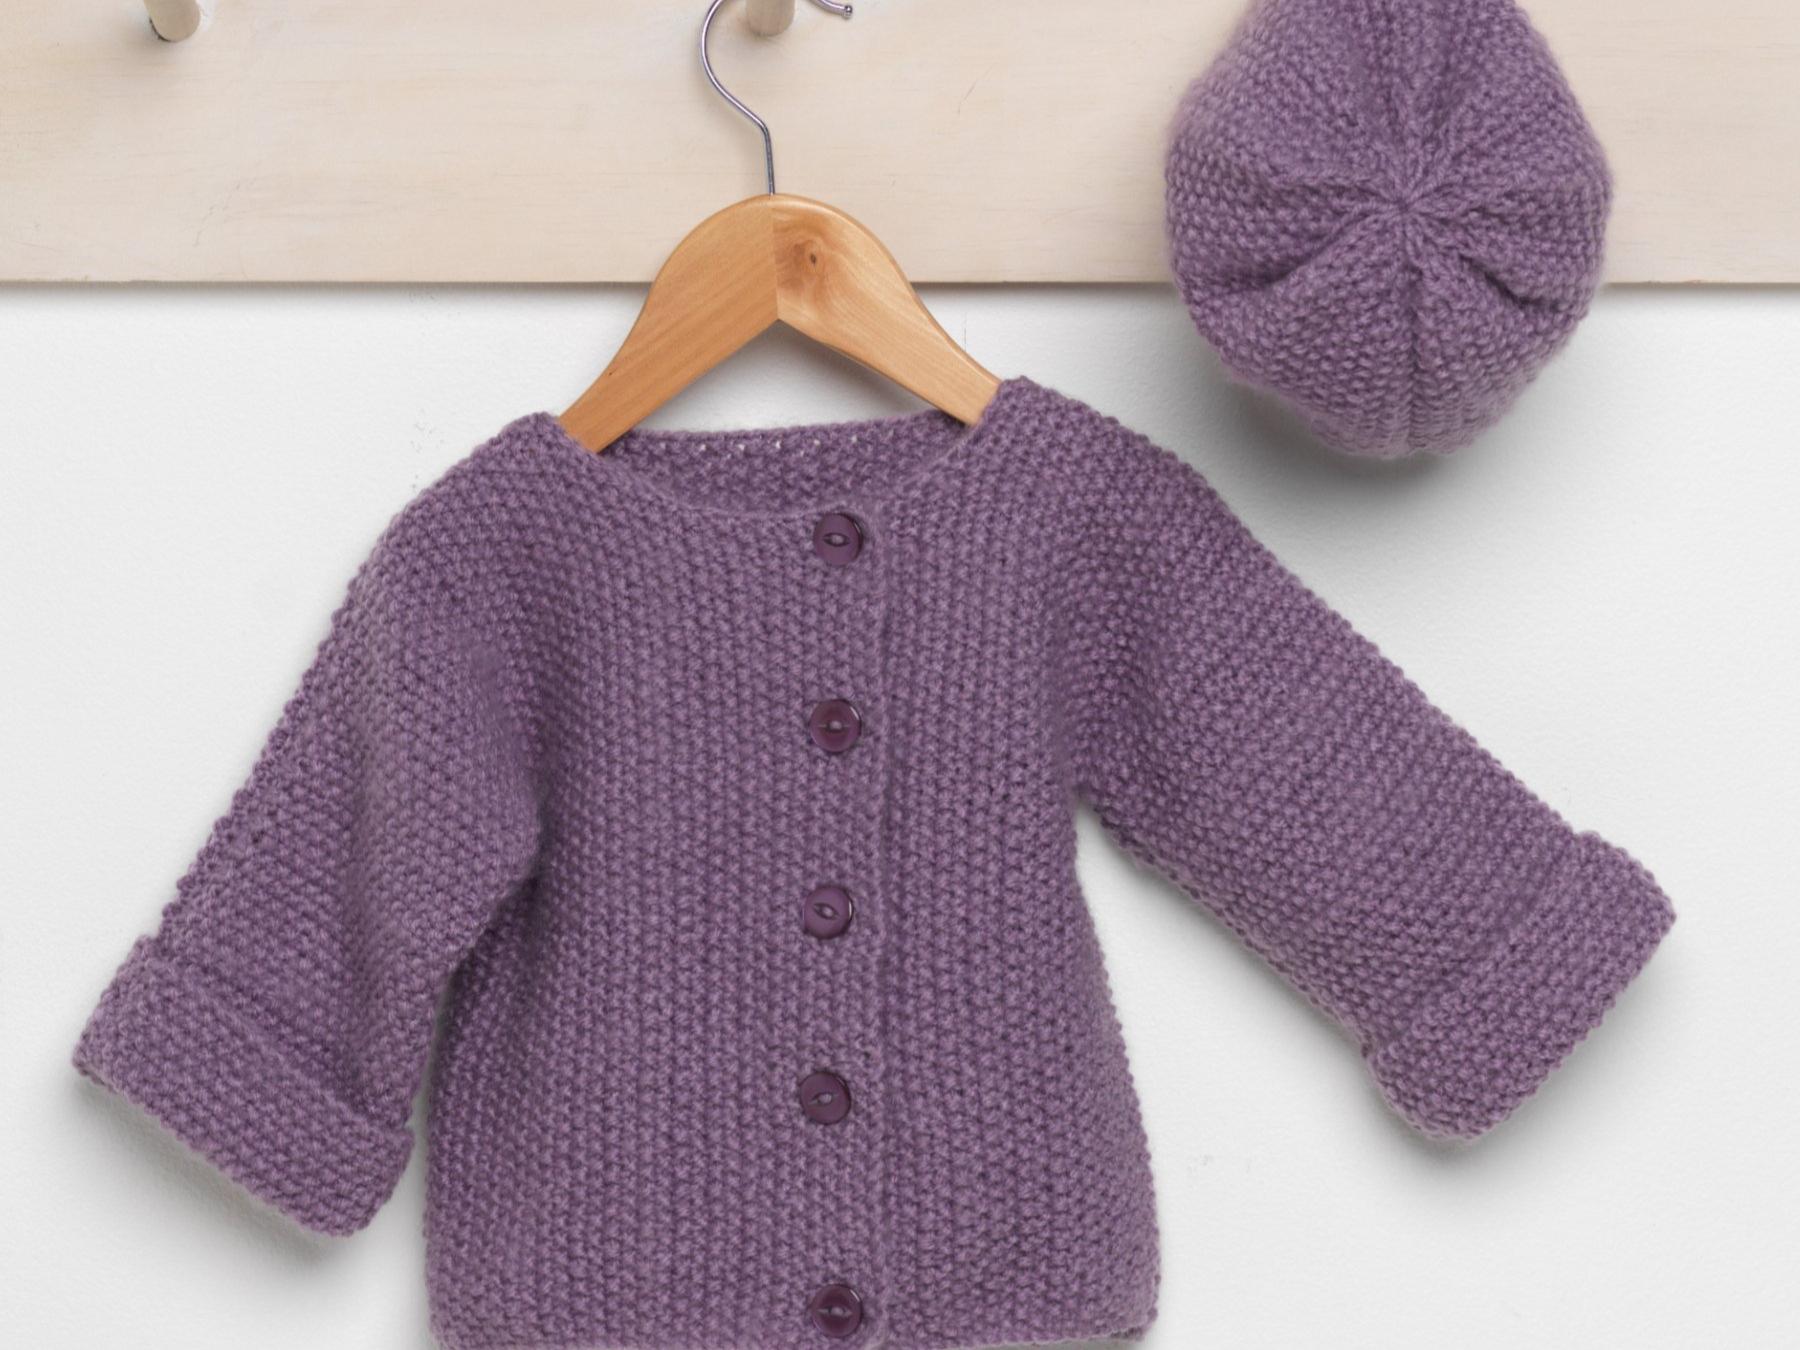 Neutral Crochet Kit